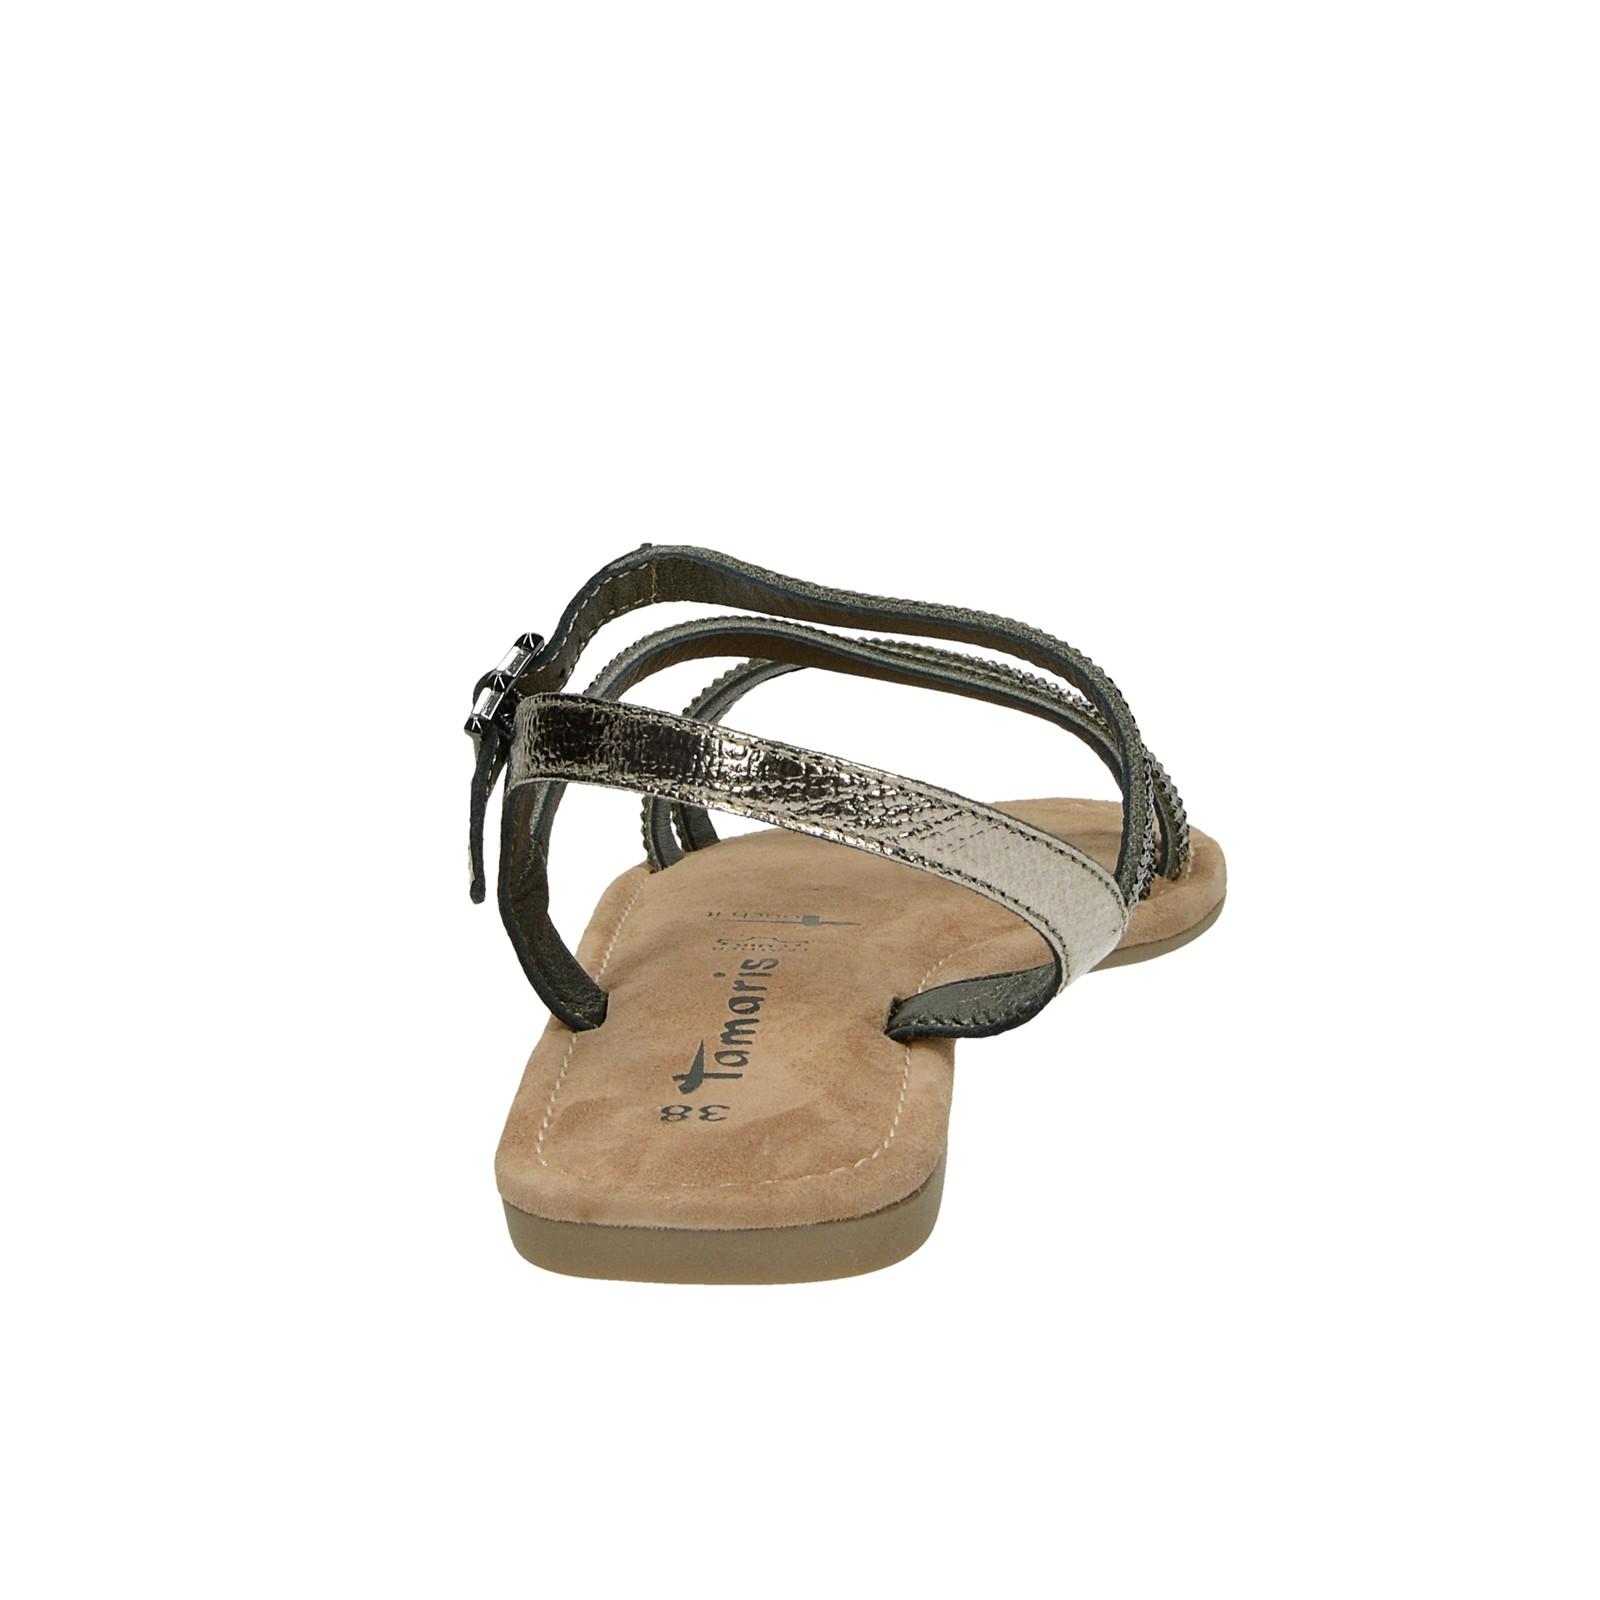 f389ccd70bc2 ... Tamaris dámske elegantné sandále s ozdobnými kamienkami - tmavošedé ...